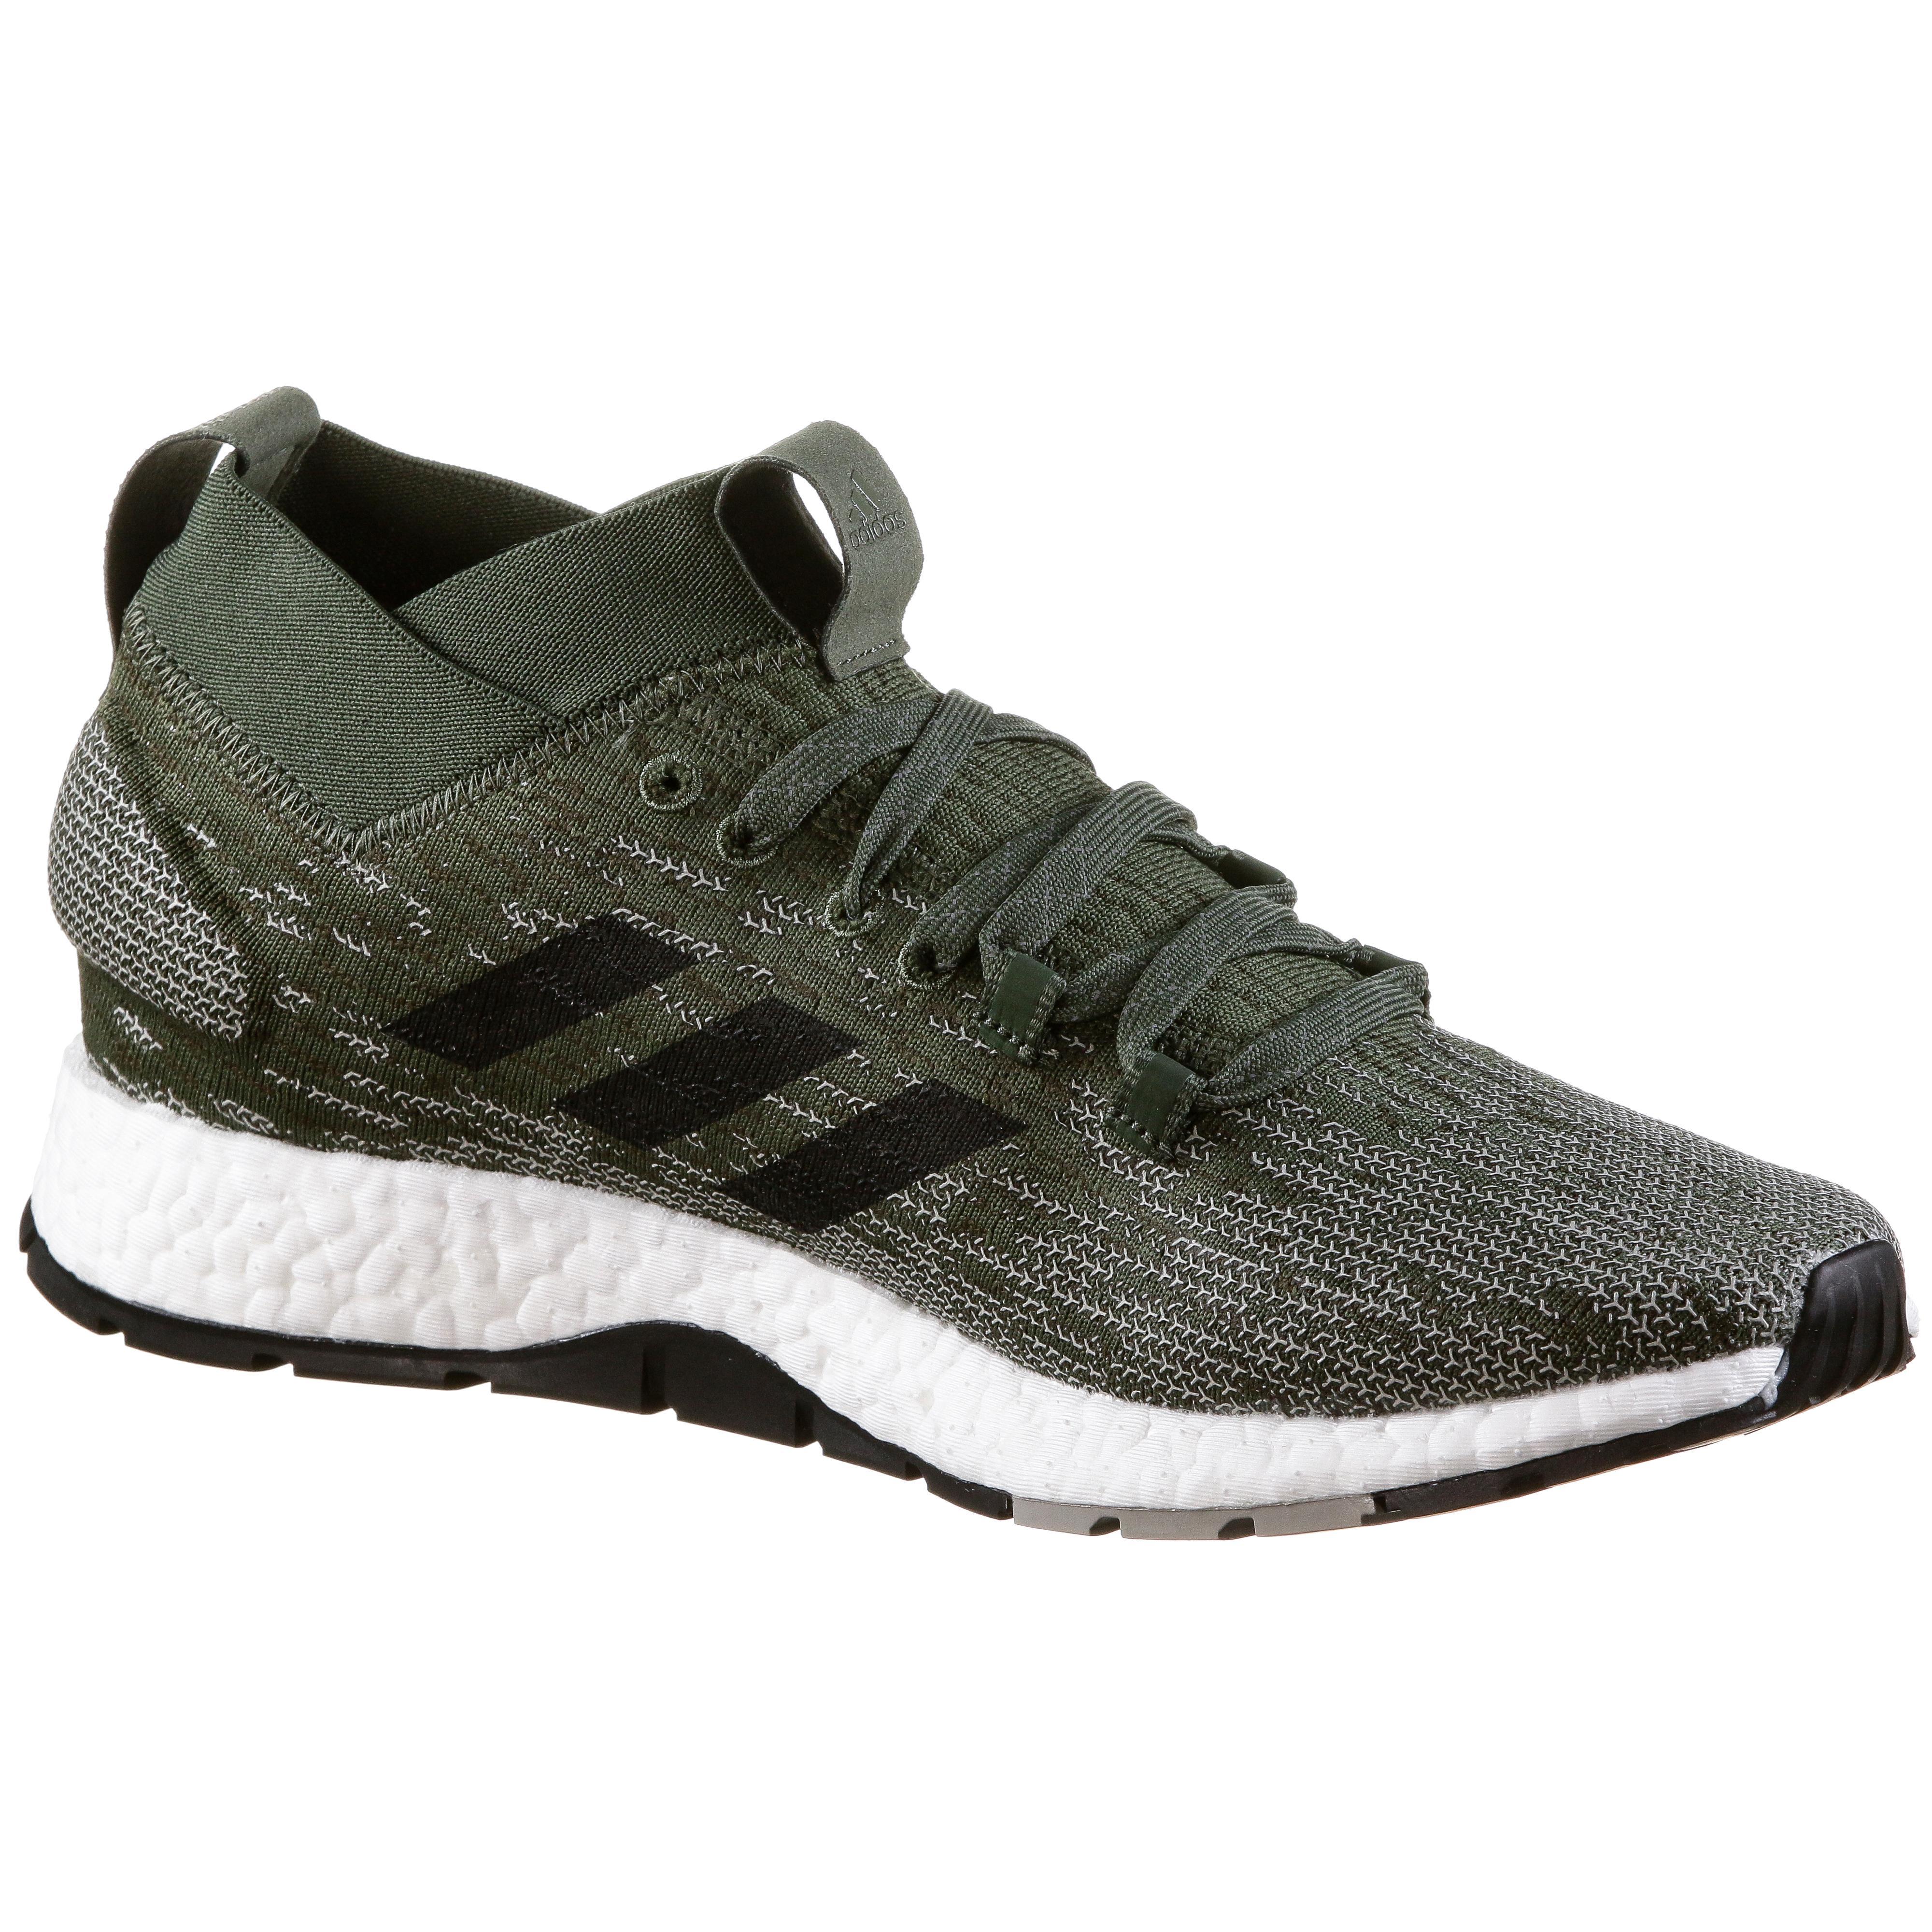 Green Laufschuhe Base Von Pureboost Rbl Shop Herren Adidas Online Sportscheck Kaufen Im EHD9I2YW